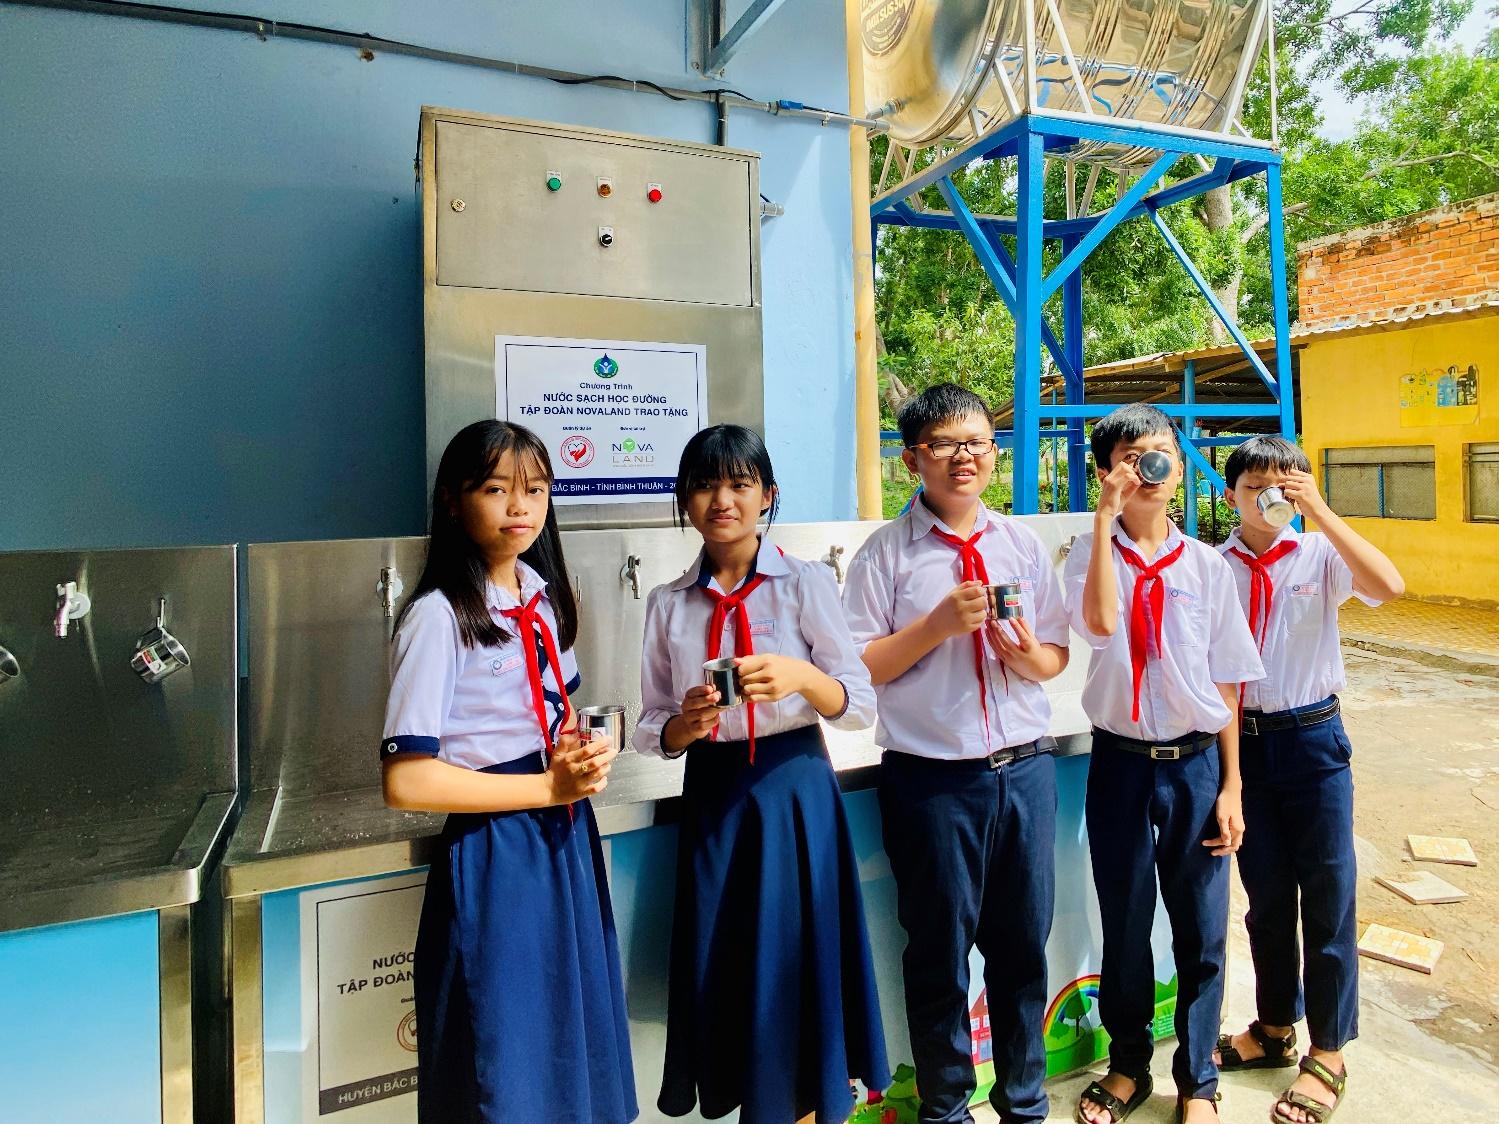 Cùng chung tay, thêm niềm vui đến trường cho học sinh tỉnh Quảng Nam - Ảnh 2